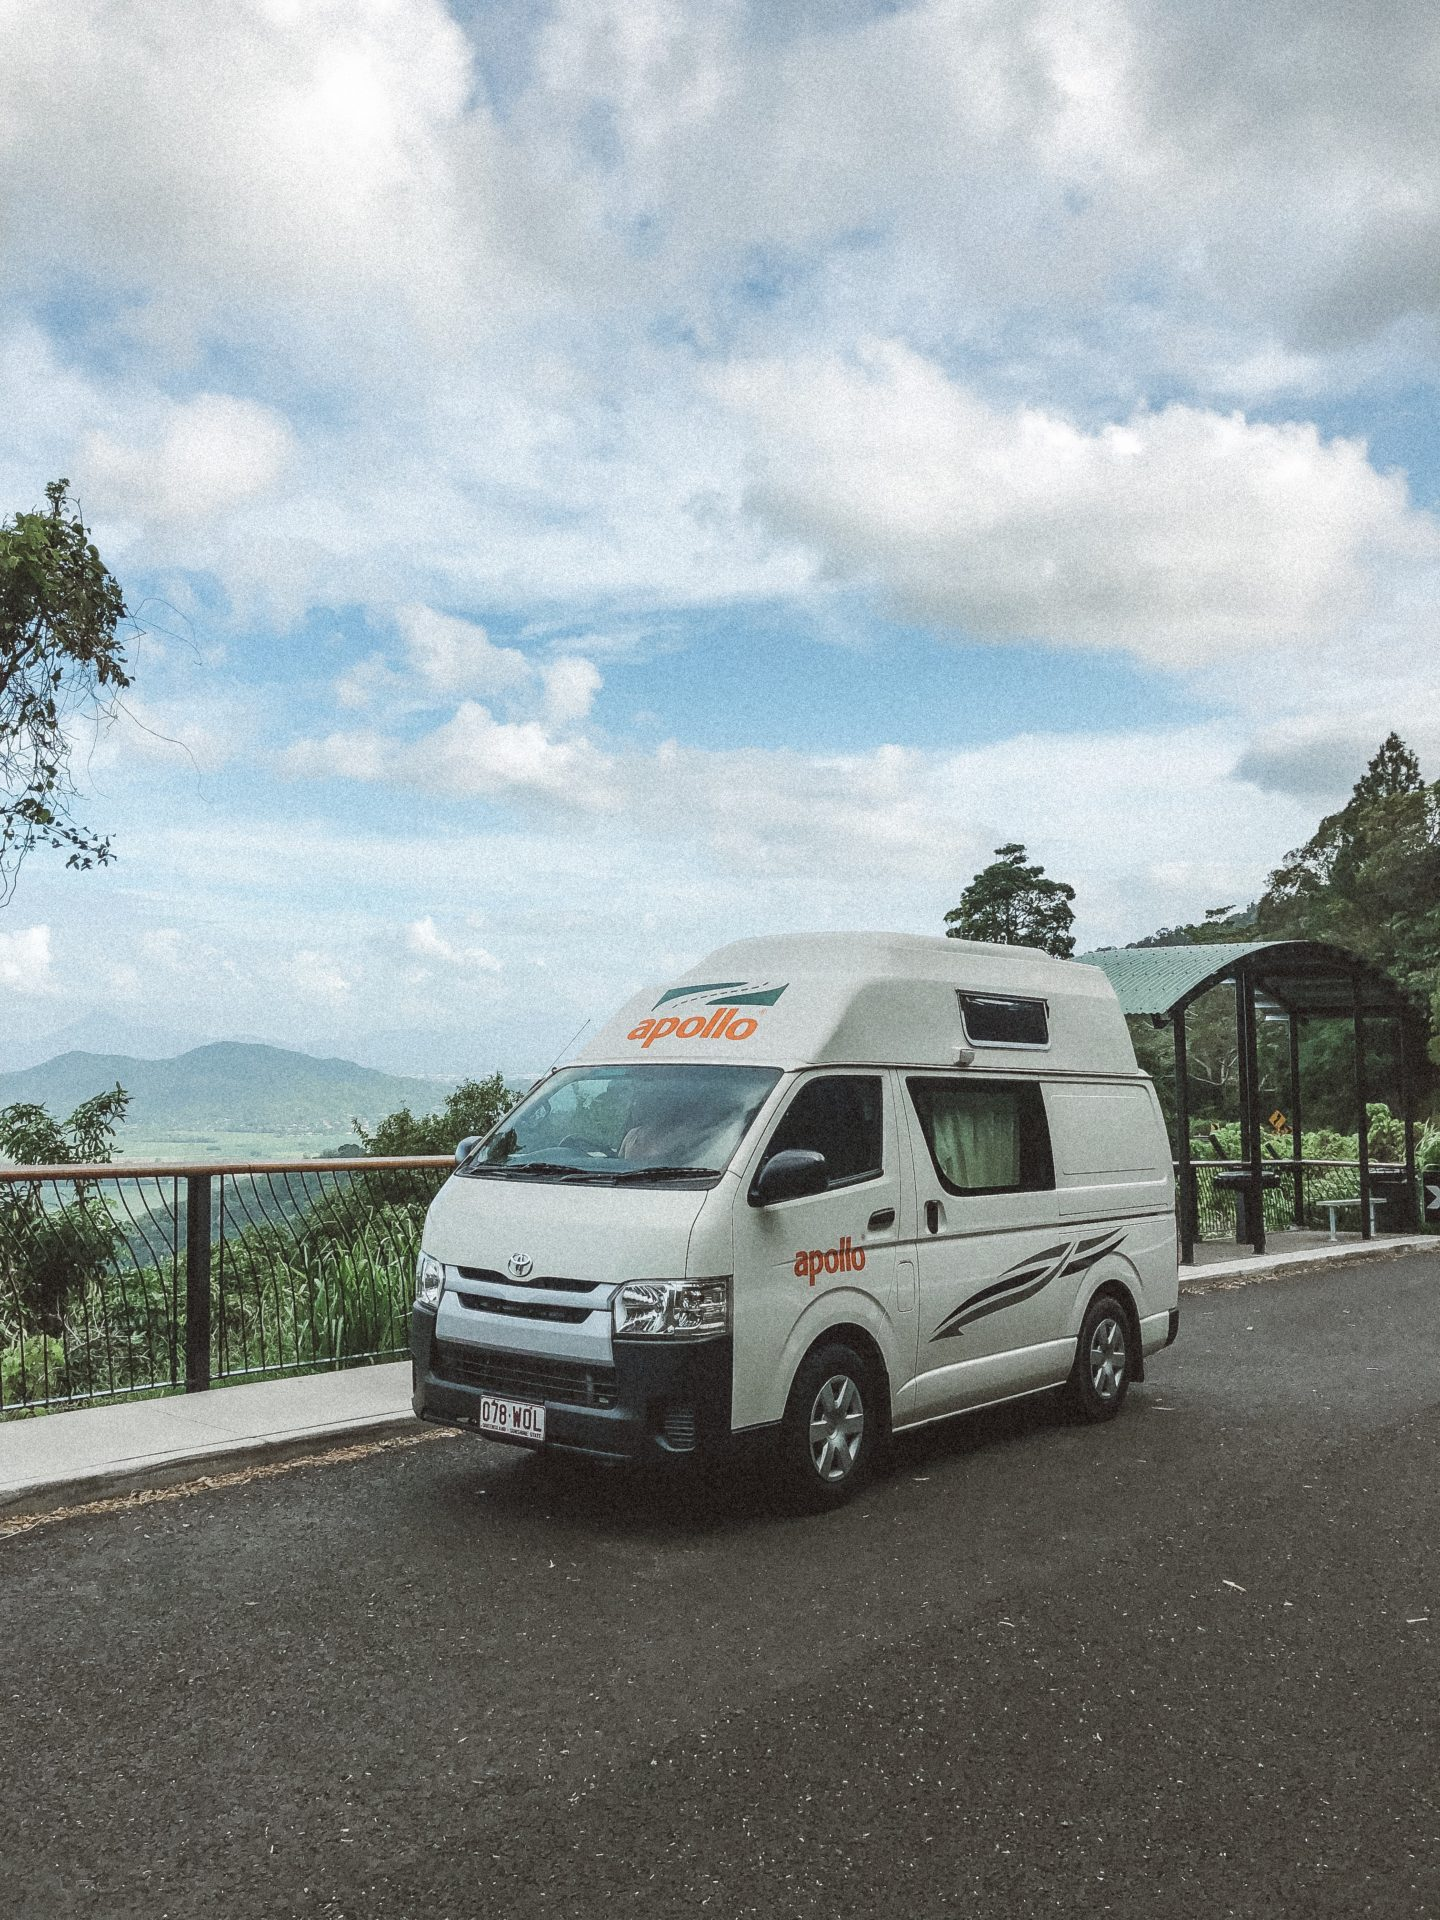 Location van Australie Apollo - Blondie baby blog mode et voyages